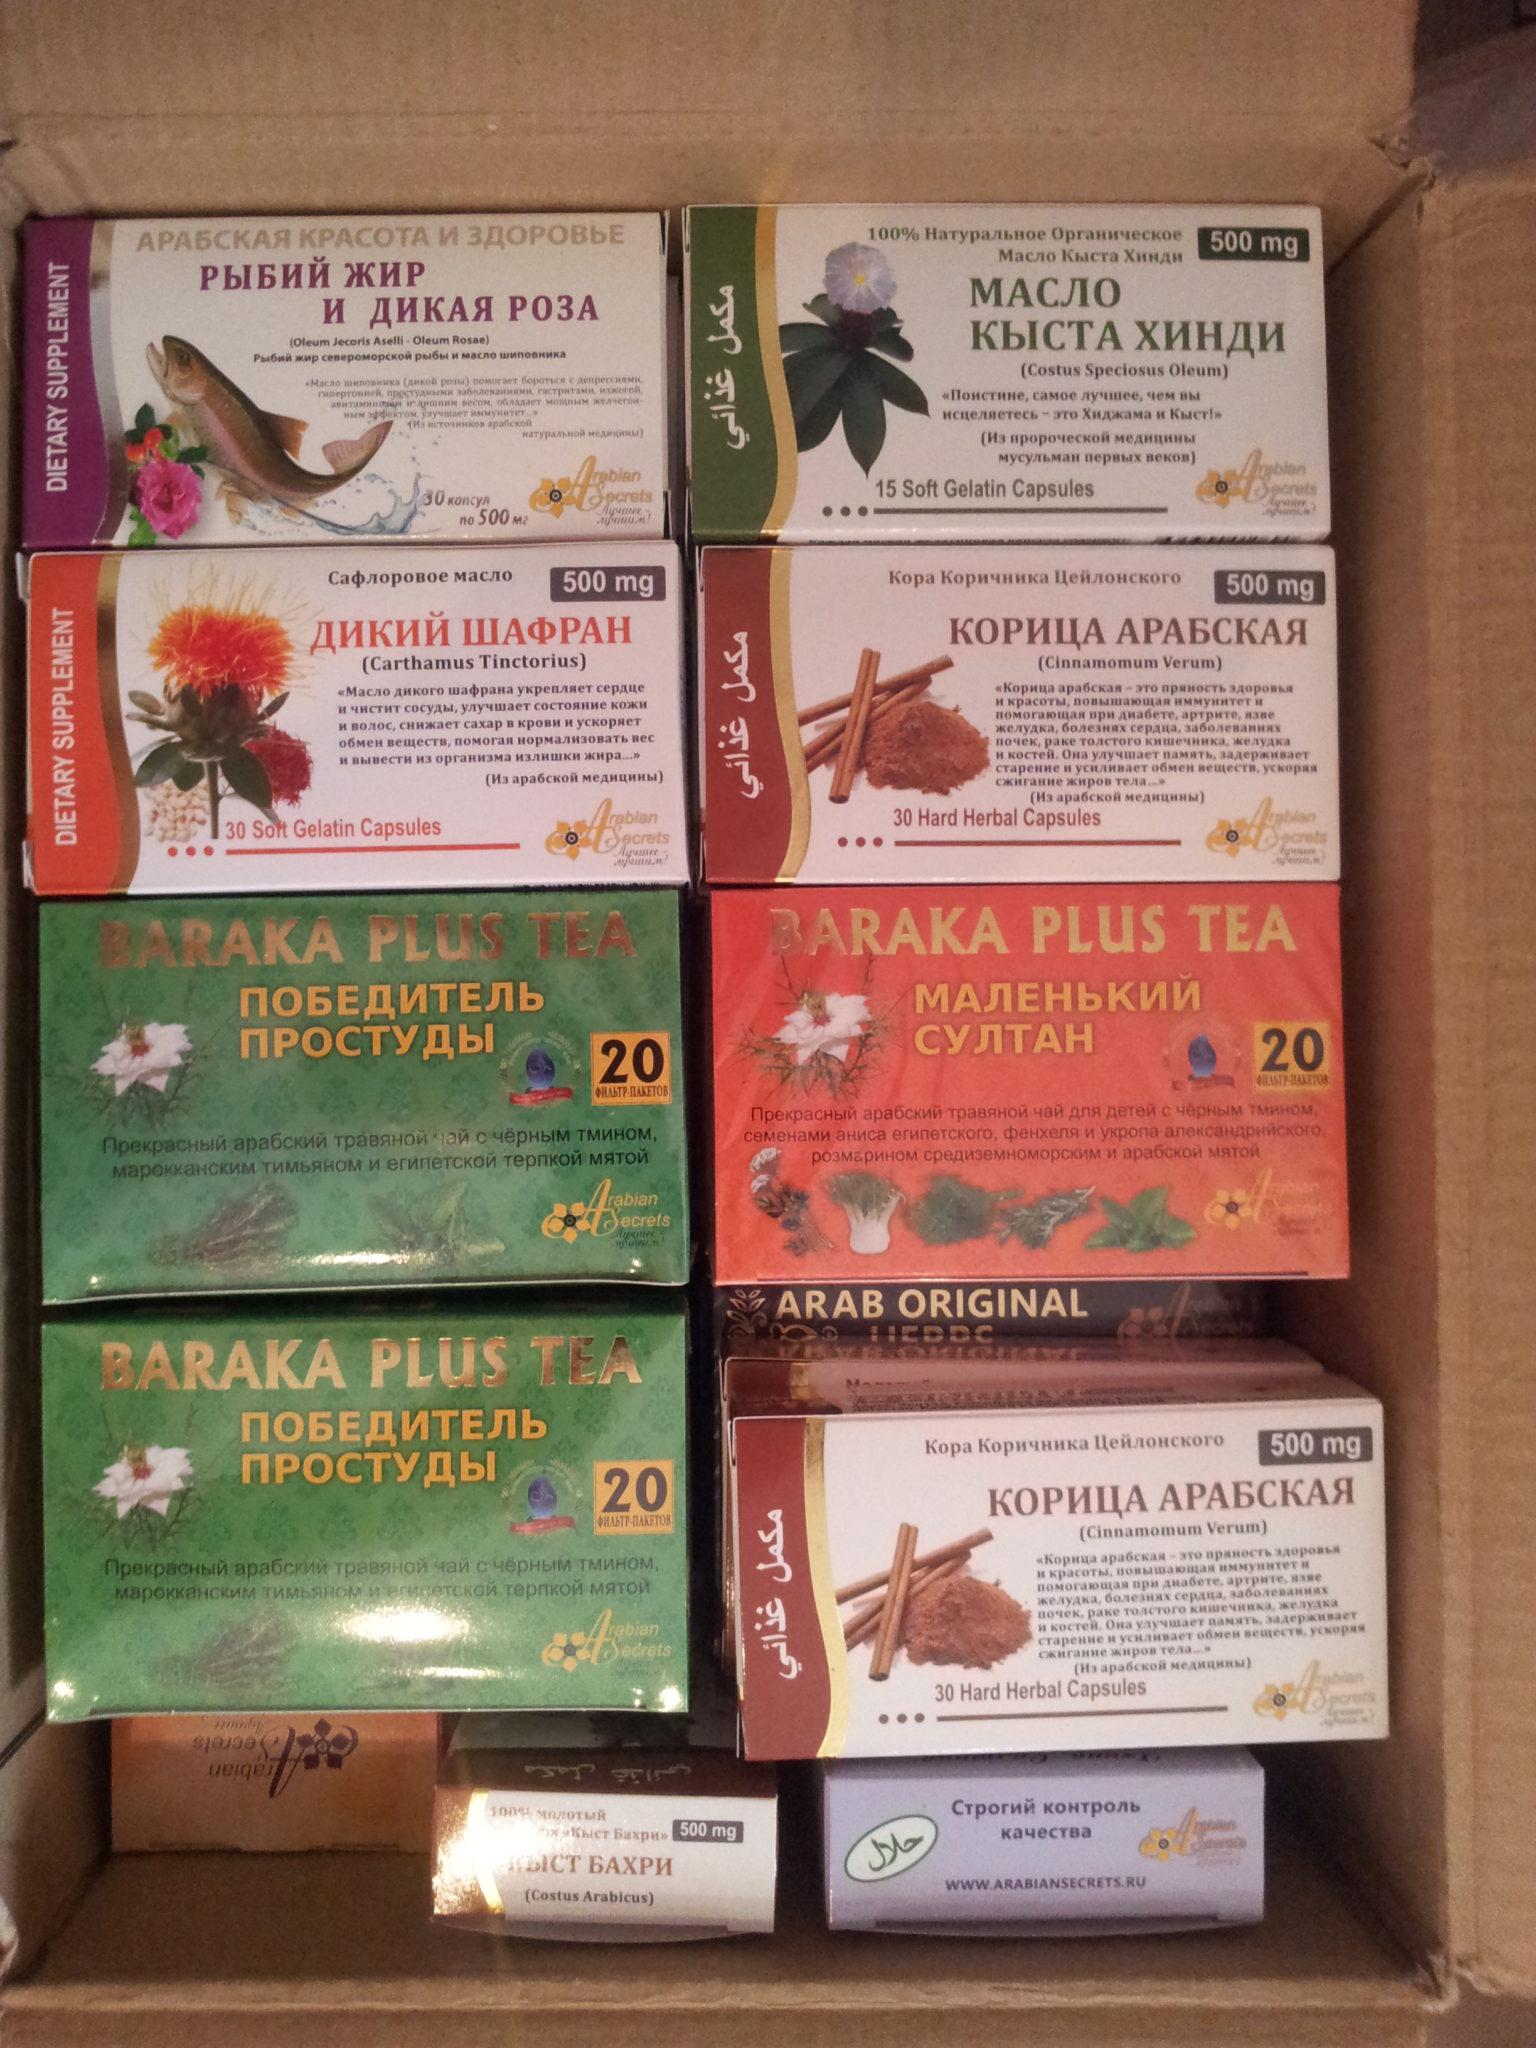 Капсулы для здоровья Arabian Secrets